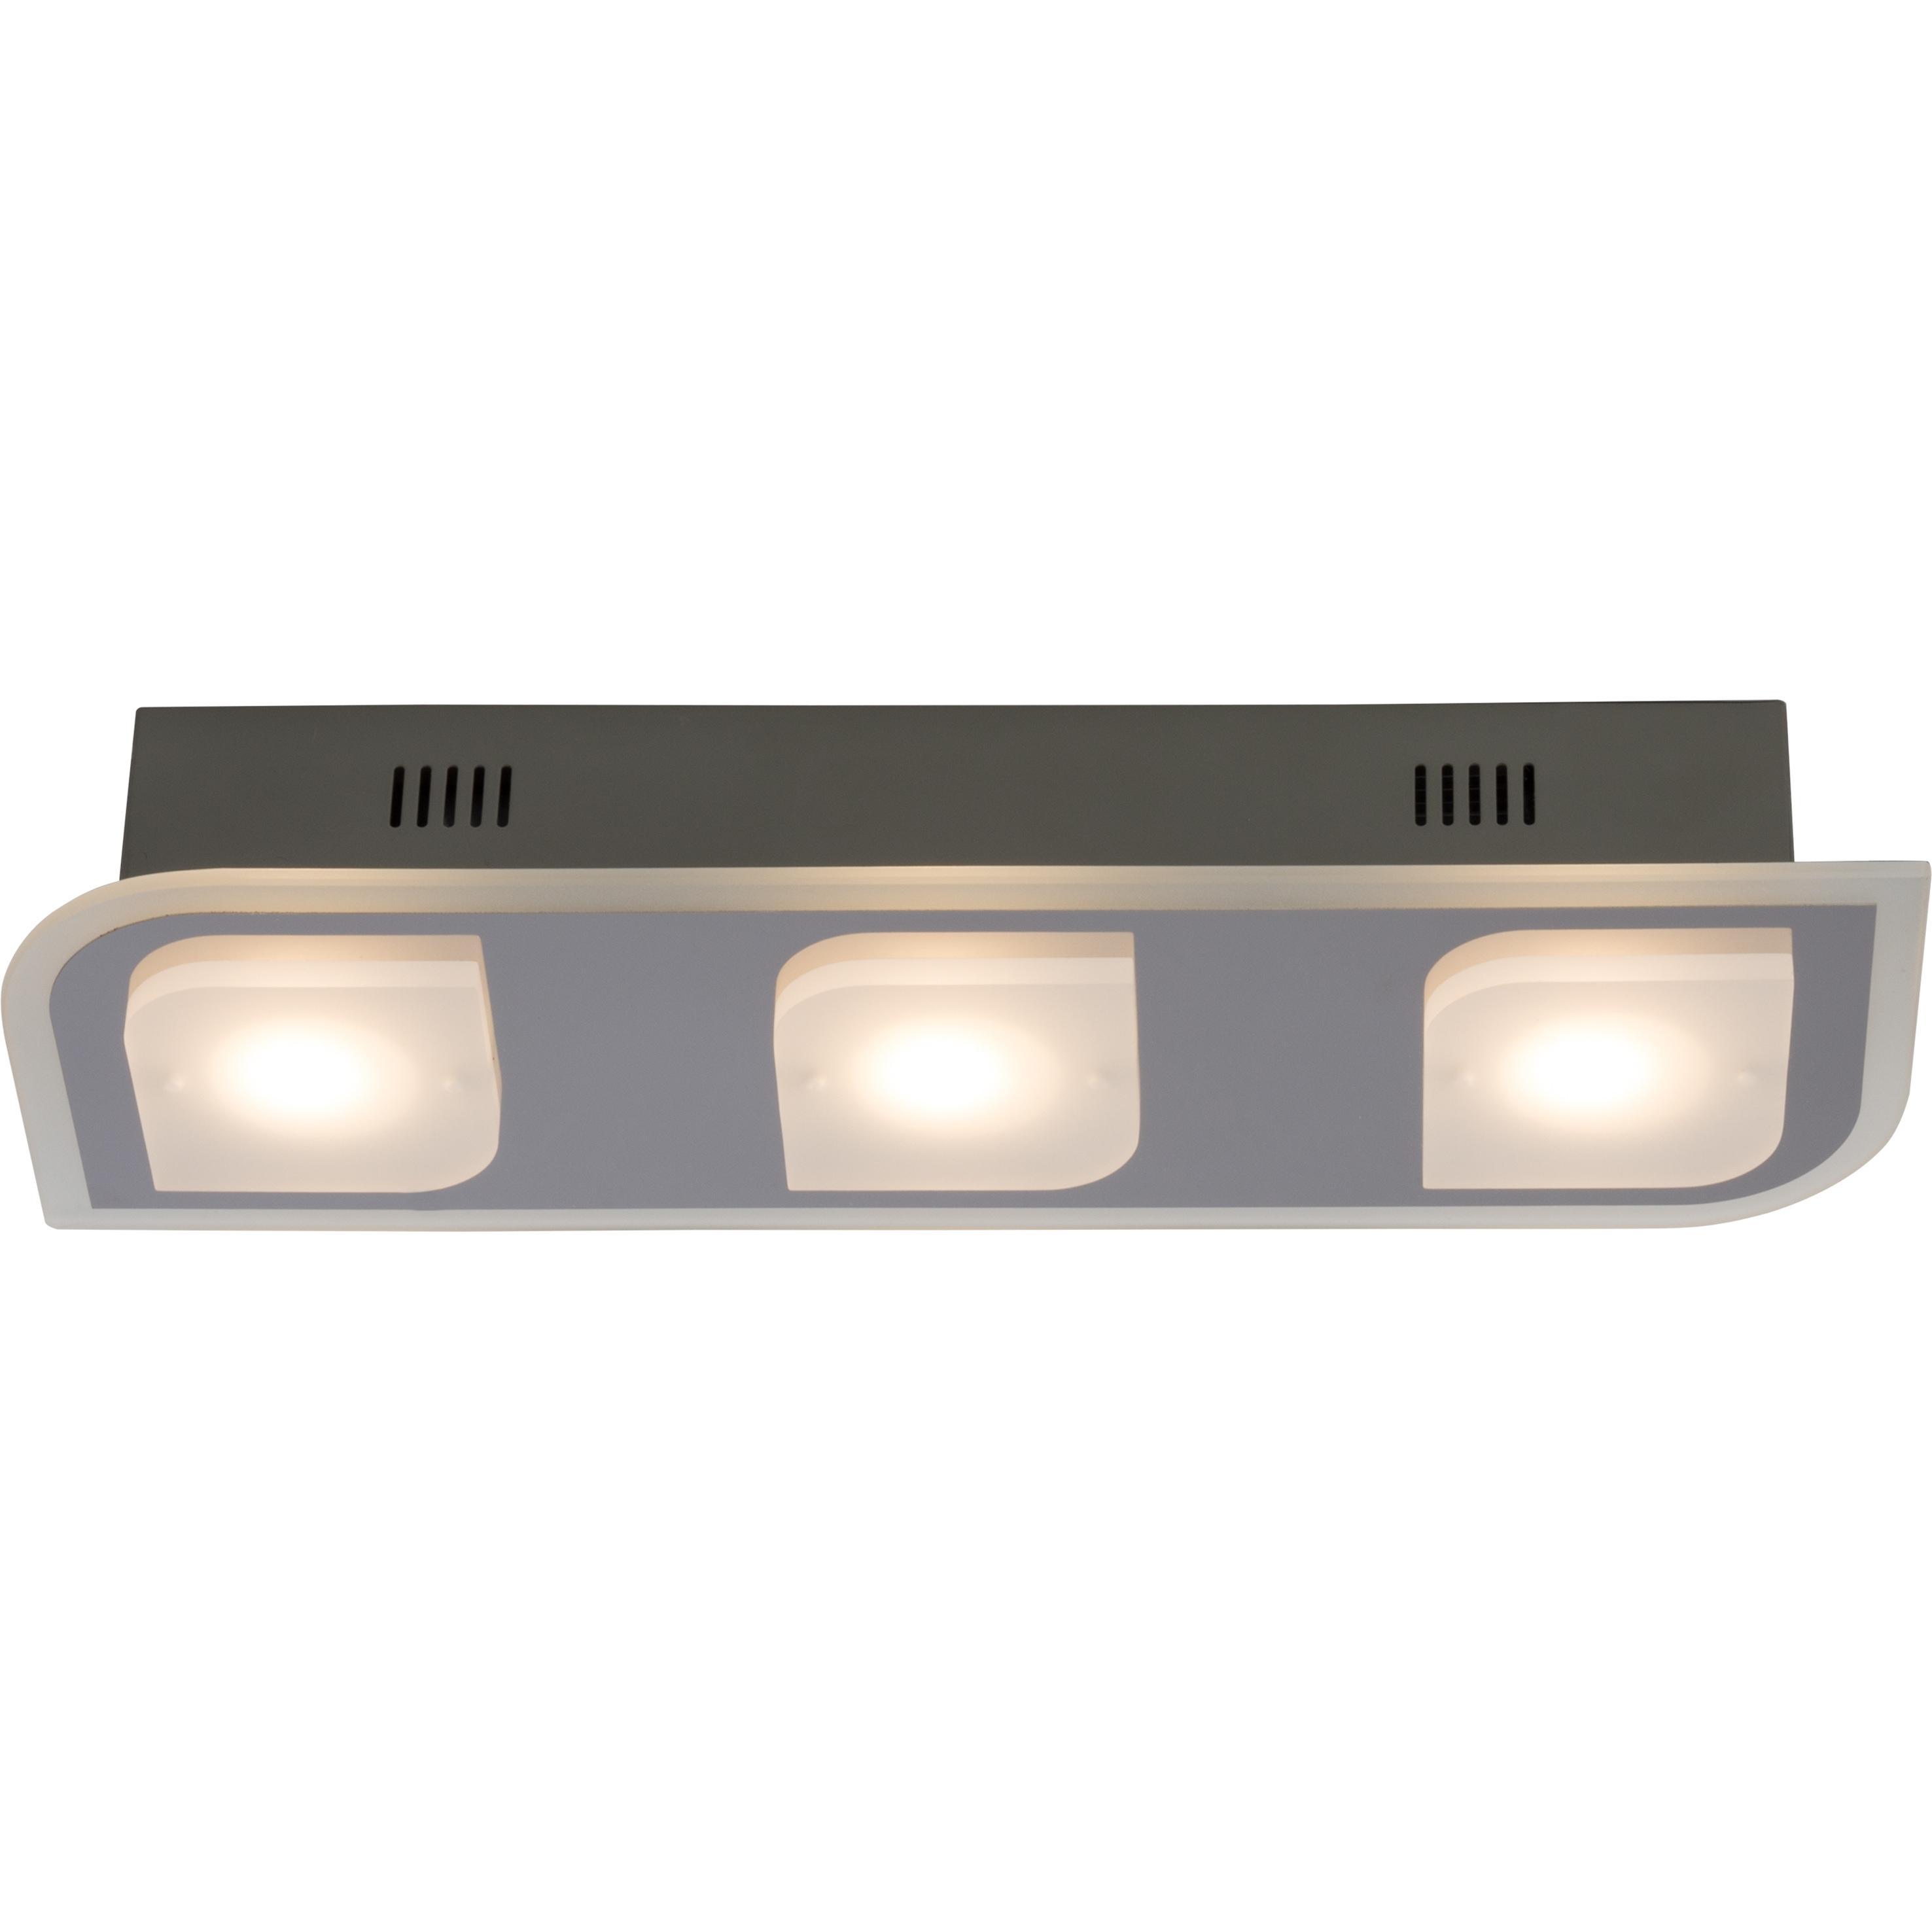 Brilliant Leuchten Formular LED Wand- und Deckenleuchte 3flg chrom